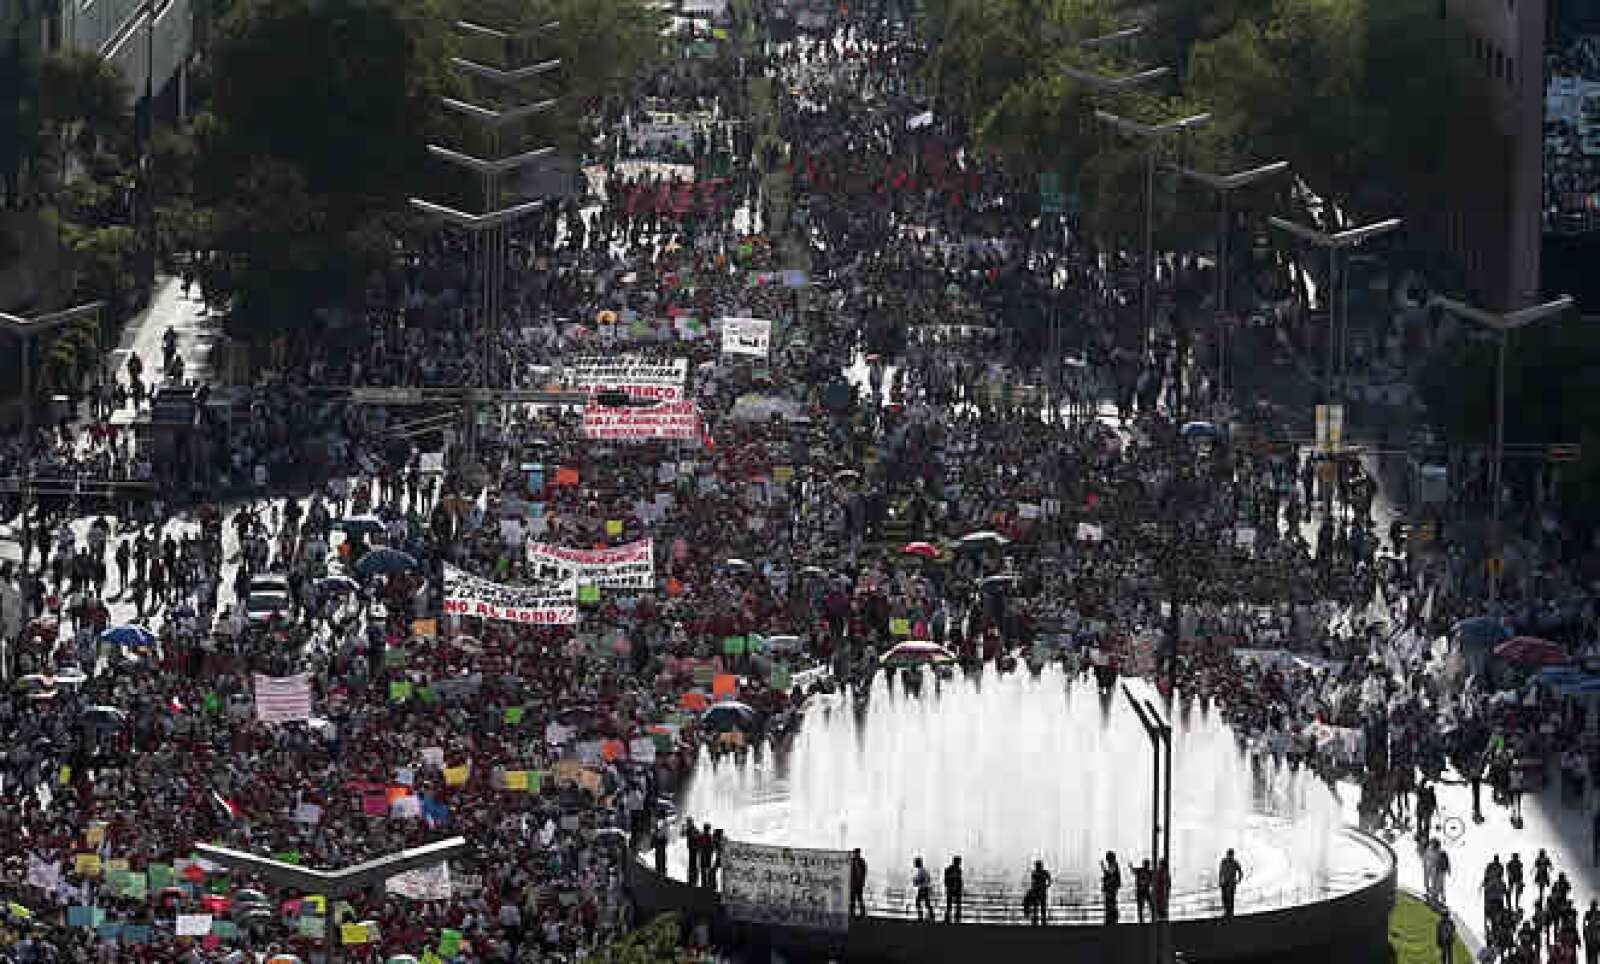 Activistas realizaron el jueves una marcha de apoyo al Sindicato de Electricistas en el DF y ayer su líder, Martín Esparza, se reunió con Segob. Mientras los ex trabajadores piden derogar la extinción de Luz y Fuerza, el gobierno dice que eso no está a di